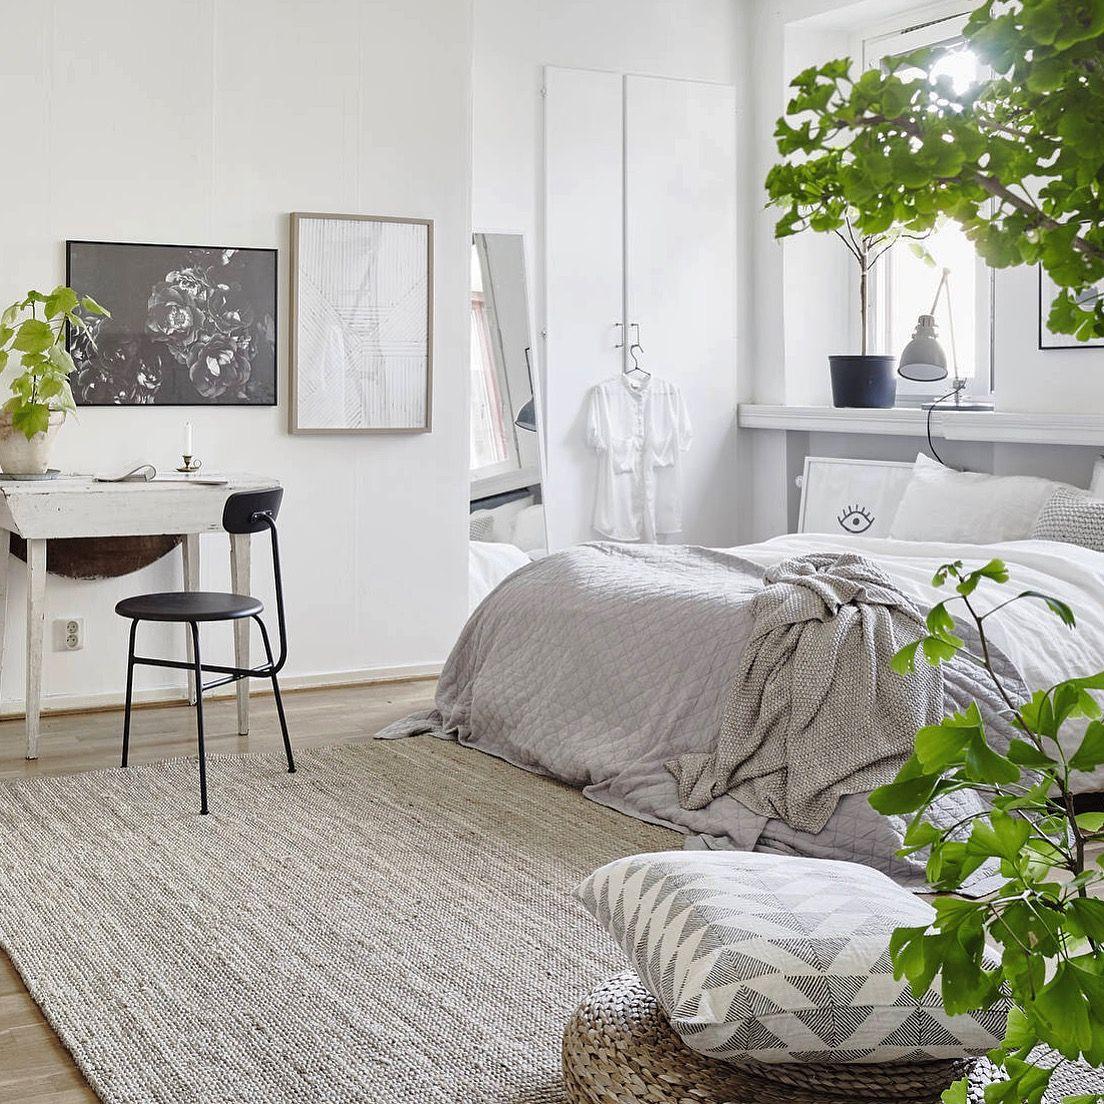 Anspruchsvoll Traum Schlafzimmer Foto Von Ideen, Wohnzimmer, Betten, Gast, Inneneinrichtung, Wohnen, Kleiner